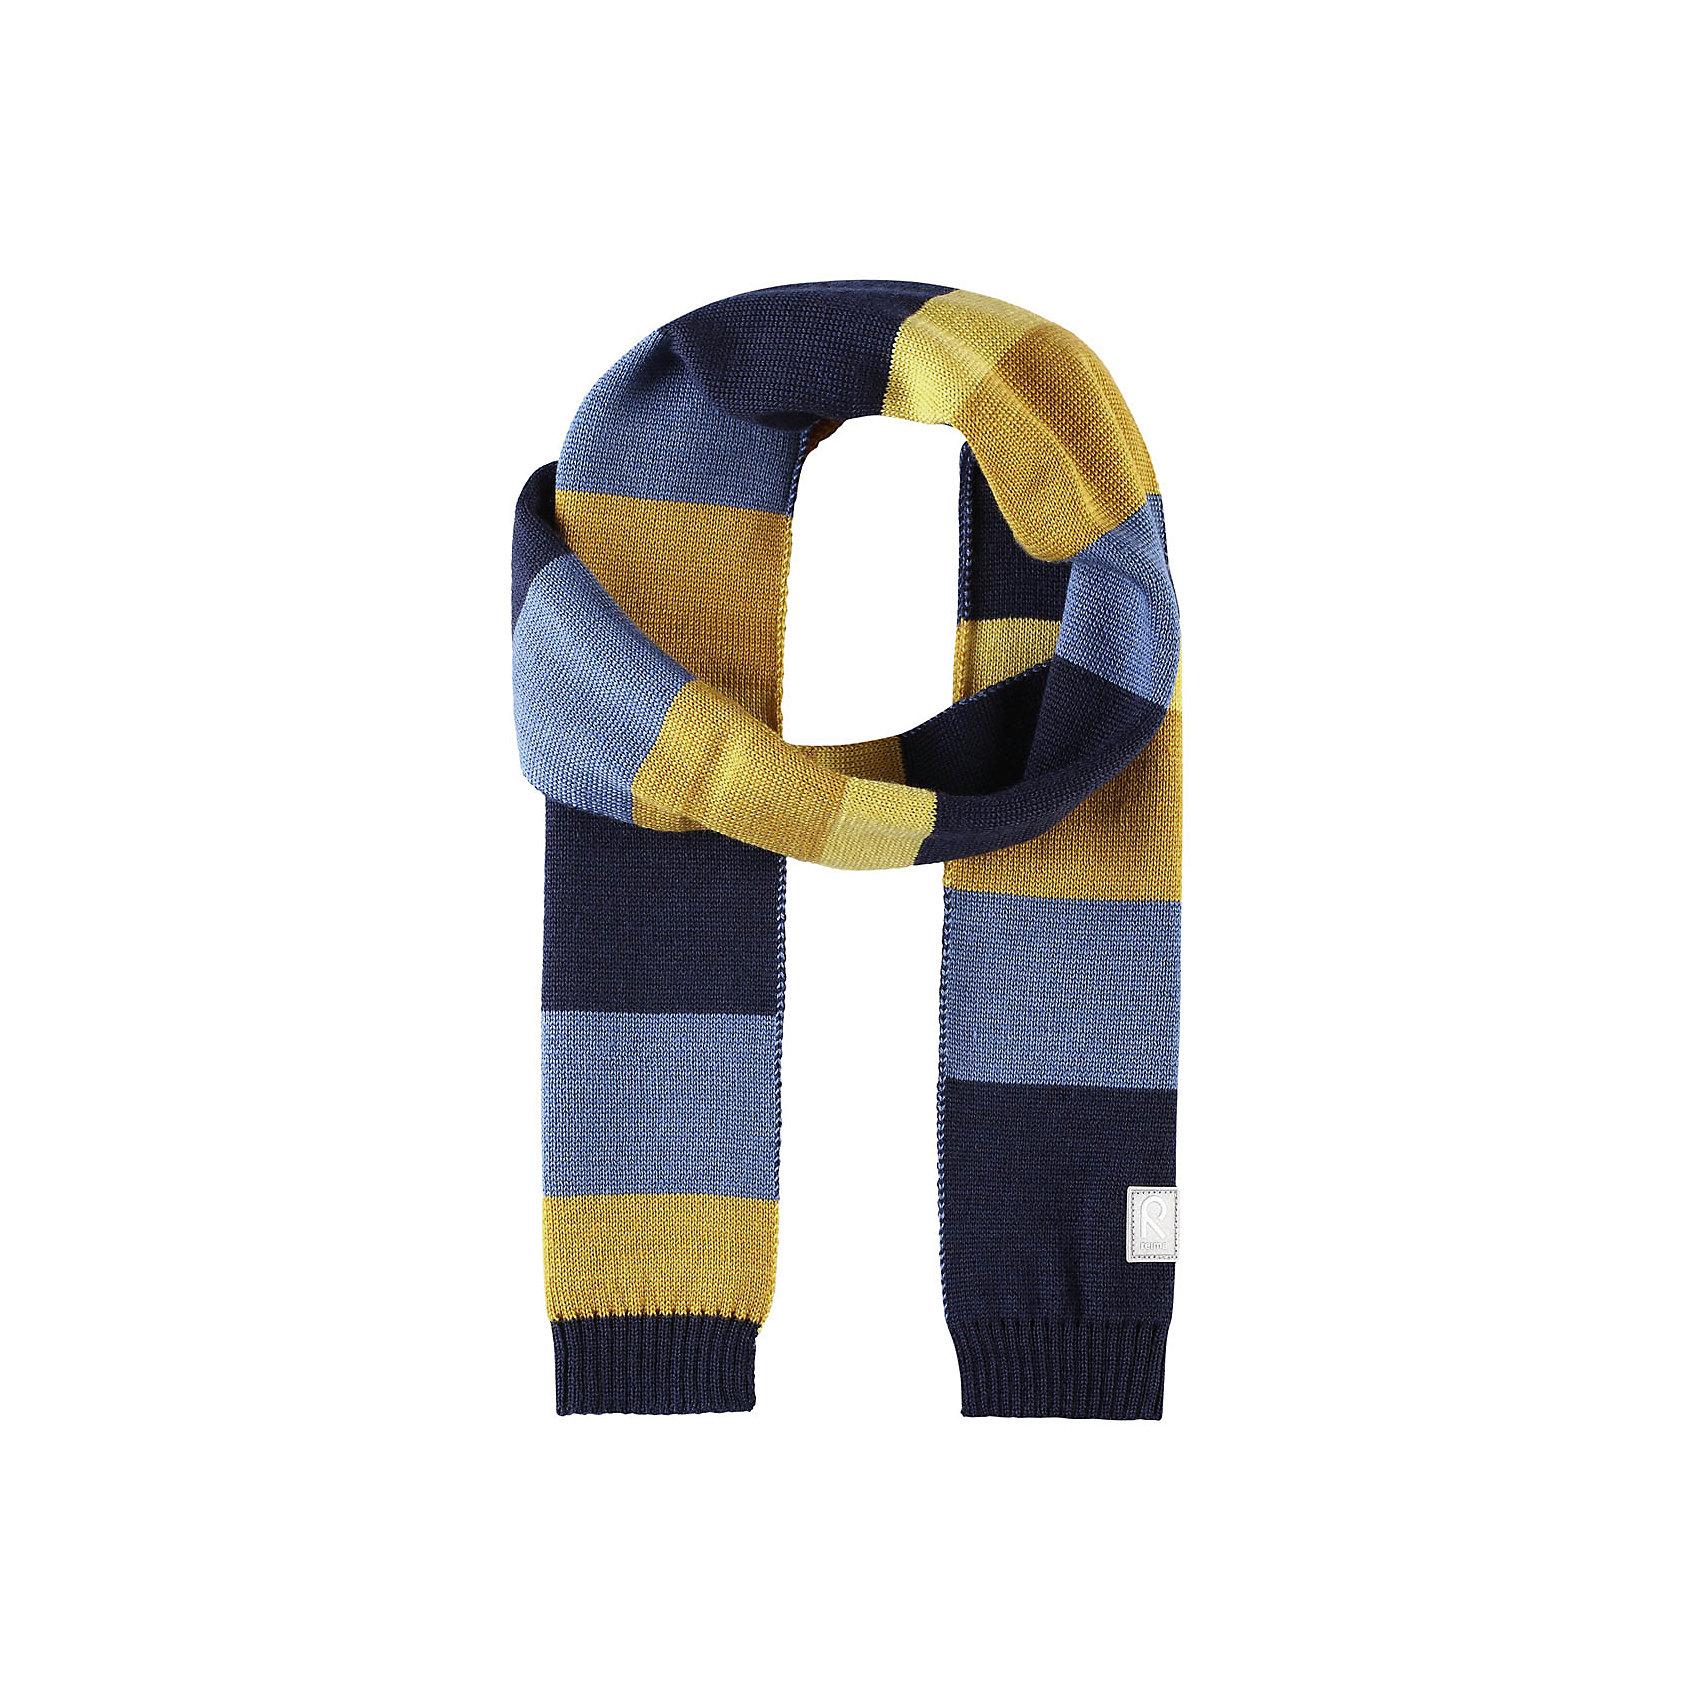 Шарф Reima NylandВерхняя одежда<br>Характеристики товара:<br><br>• цвет: синий/желтый;<br>• состав: 50% шерсть, 50% полиакрил;<br>• сезон: зима;<br>• температурный режим: от 0С;<br>• шерсть идеально поддерживает температуру;<br>• мягкая и теплая ткань из смеси шерсти;<br>• логотип Reima® спереди;<br>• страна бренда: Финляндия;<br>• страна изготовитель: Китай.<br><br>Детский зимний шарф изготовлен из мягкого и теплого шерстяного трикотажа. Эластичный и дышащий материал обеспечивает хорошую терморегуляцию. Снабжен светоотражающей эмблемой Reima.<br><br>Шарф Nyland Reima от финского бренда Reima (Рейма) можно купить в нашем интернет-магазине.<br><br>Ширина мм: 88<br>Глубина мм: 155<br>Высота мм: 26<br>Вес г: 106<br>Цвет: синий<br>Возраст от месяцев: 48<br>Возраст до месяцев: 168<br>Пол: Унисекс<br>Возраст: Детский<br>Размер: one size<br>SKU: 6902549